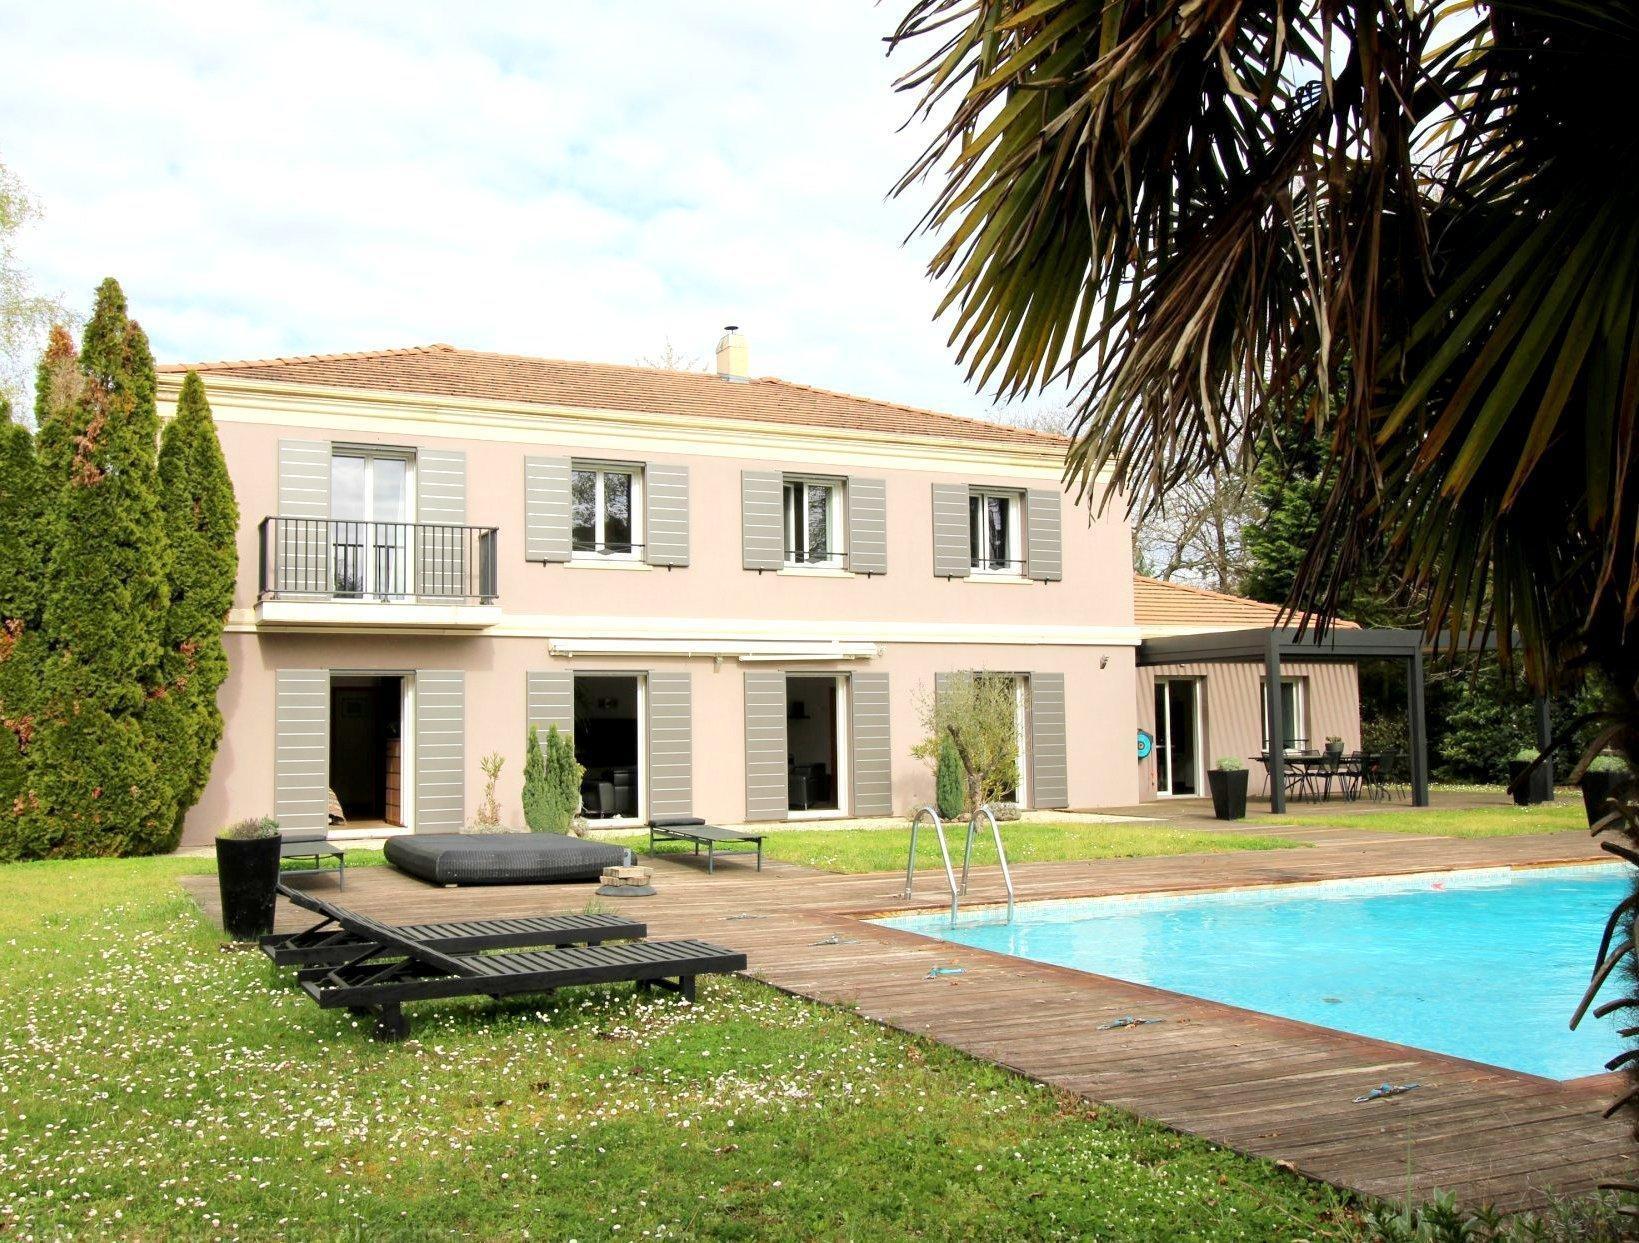 Vente maison villa bordeaux pessac grande propri t sur for Appartement bordeaux avec piscine